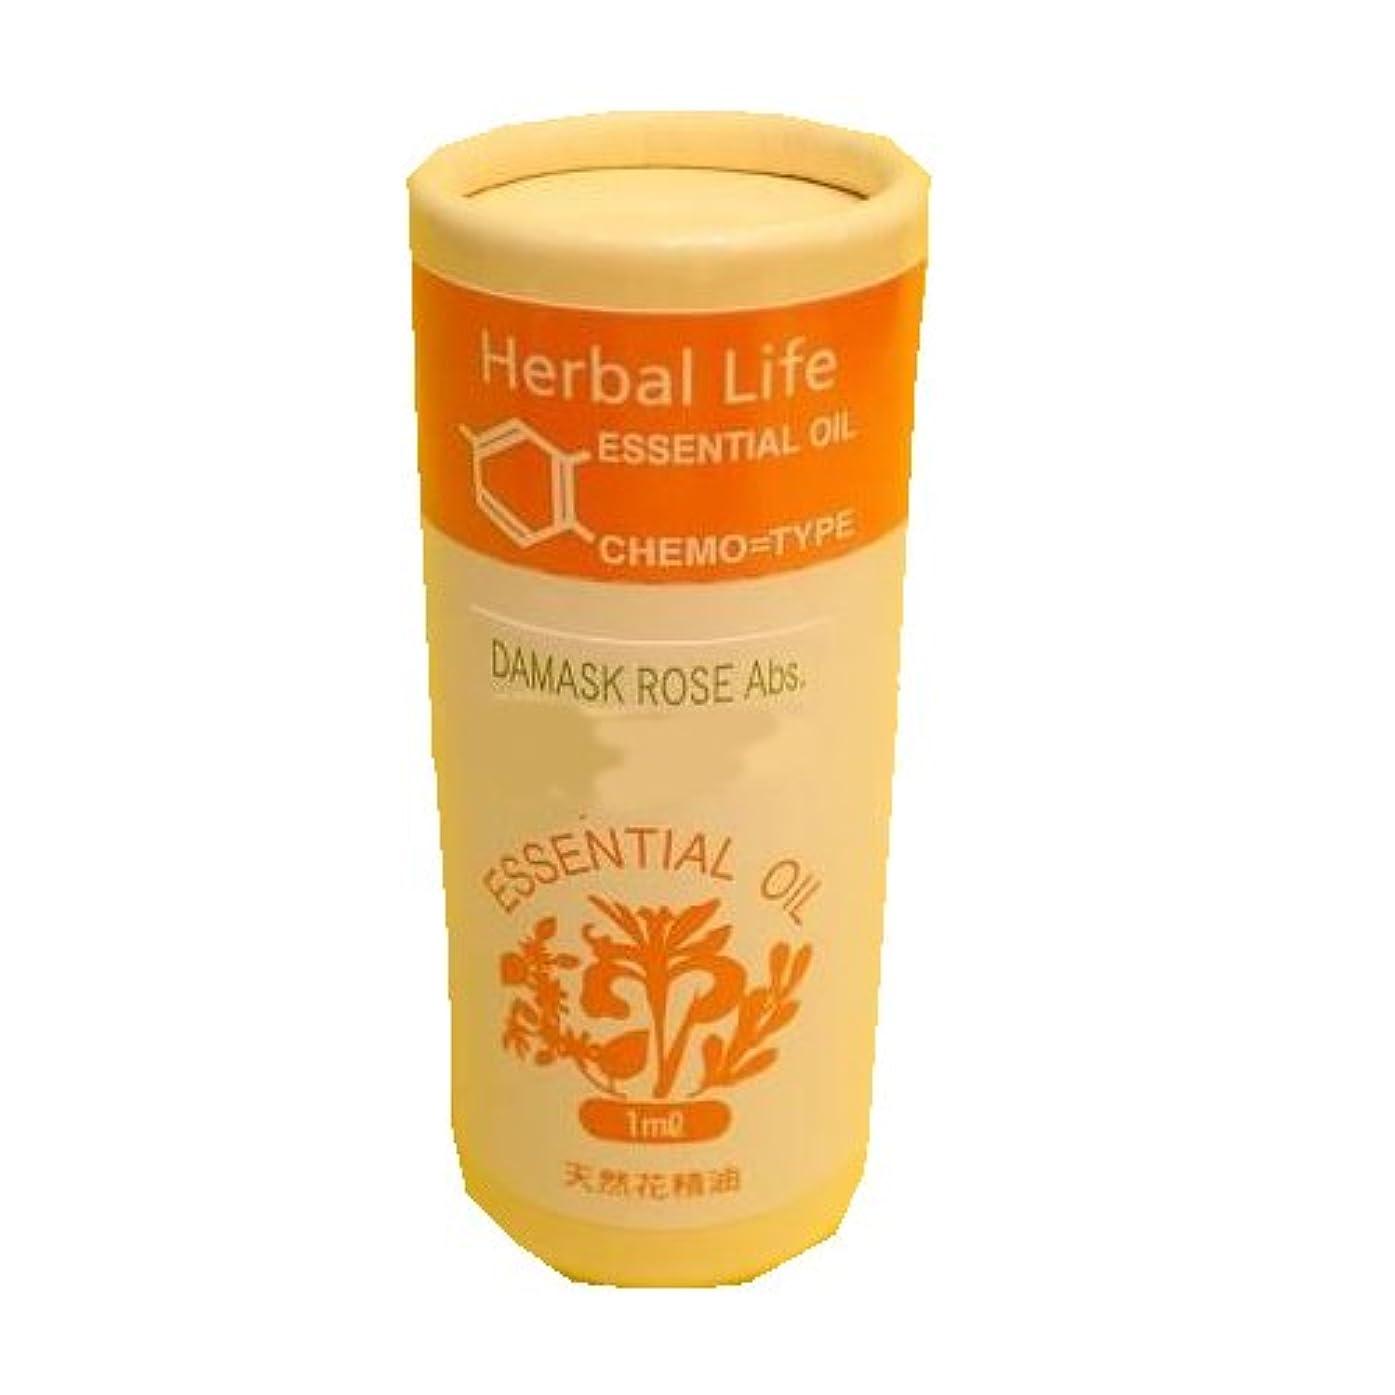 五ささいな多用途生活の木 Herbal Life 花精油 ダマスクローズAbs. ブルガリア産 1ml